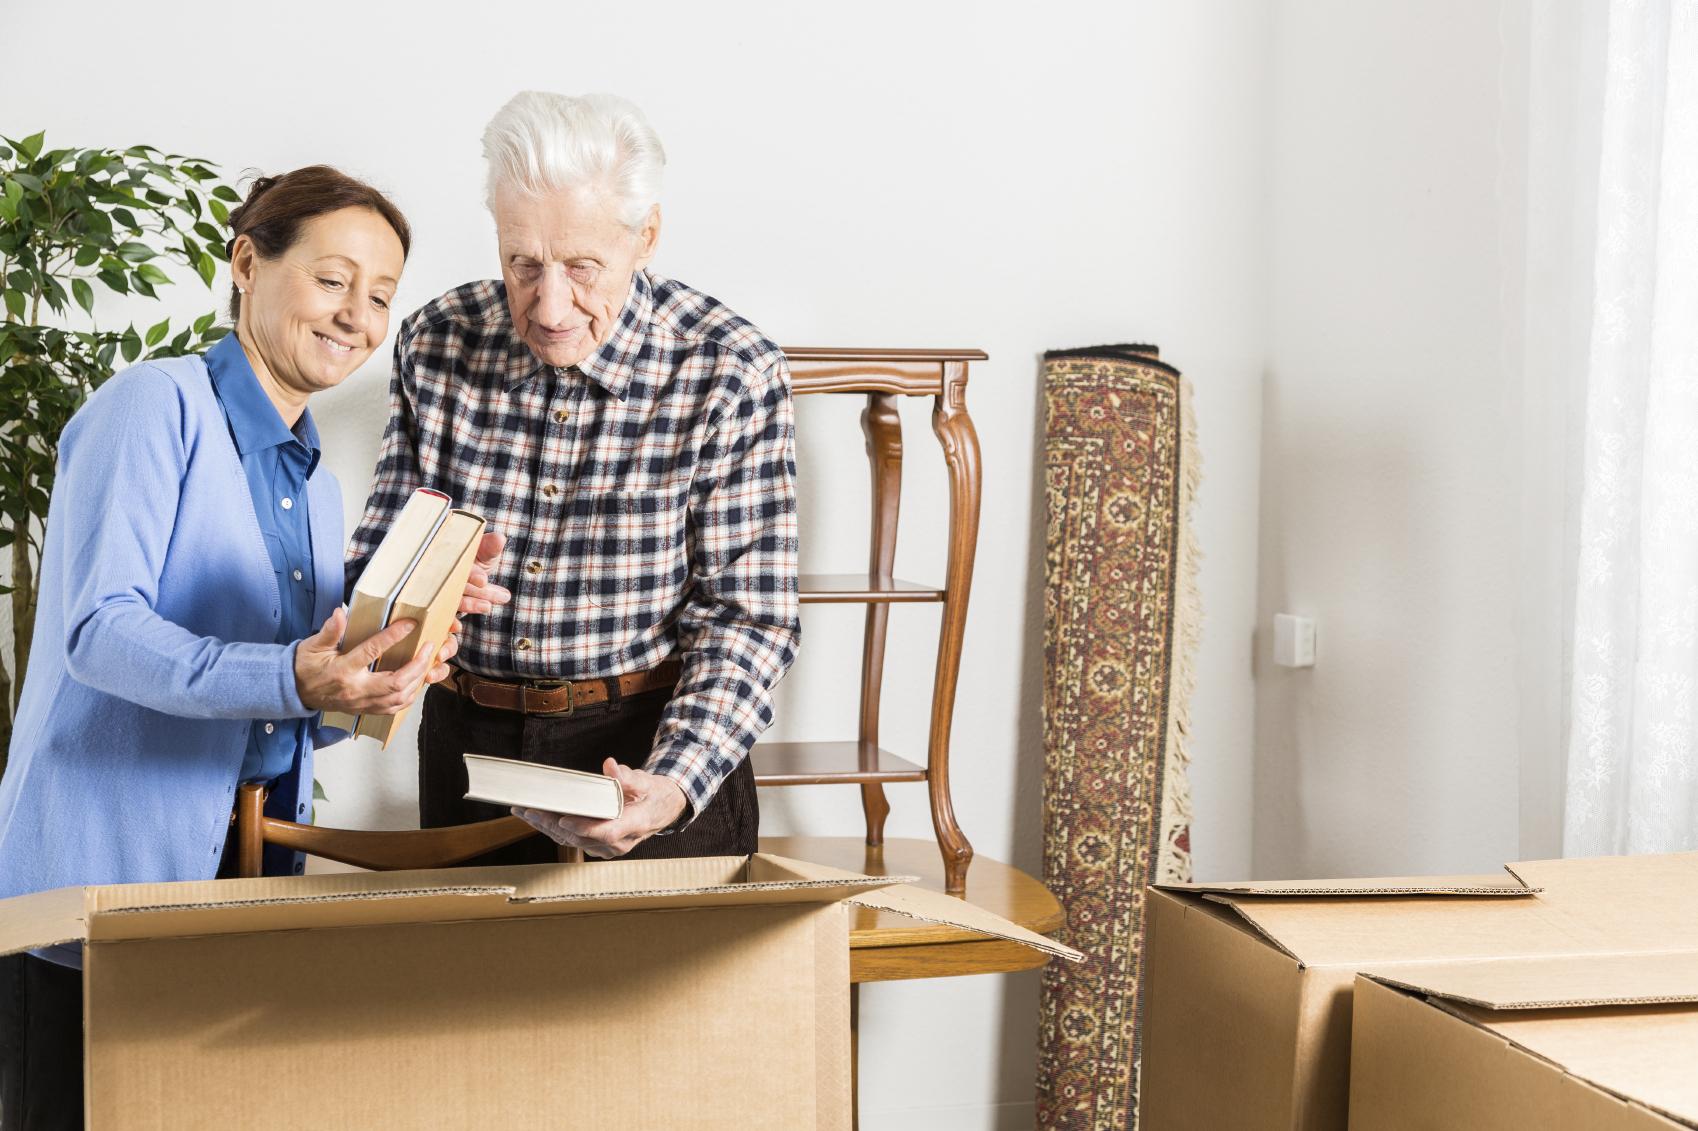 altersglühen rýchlosť datovania für senioren kritik